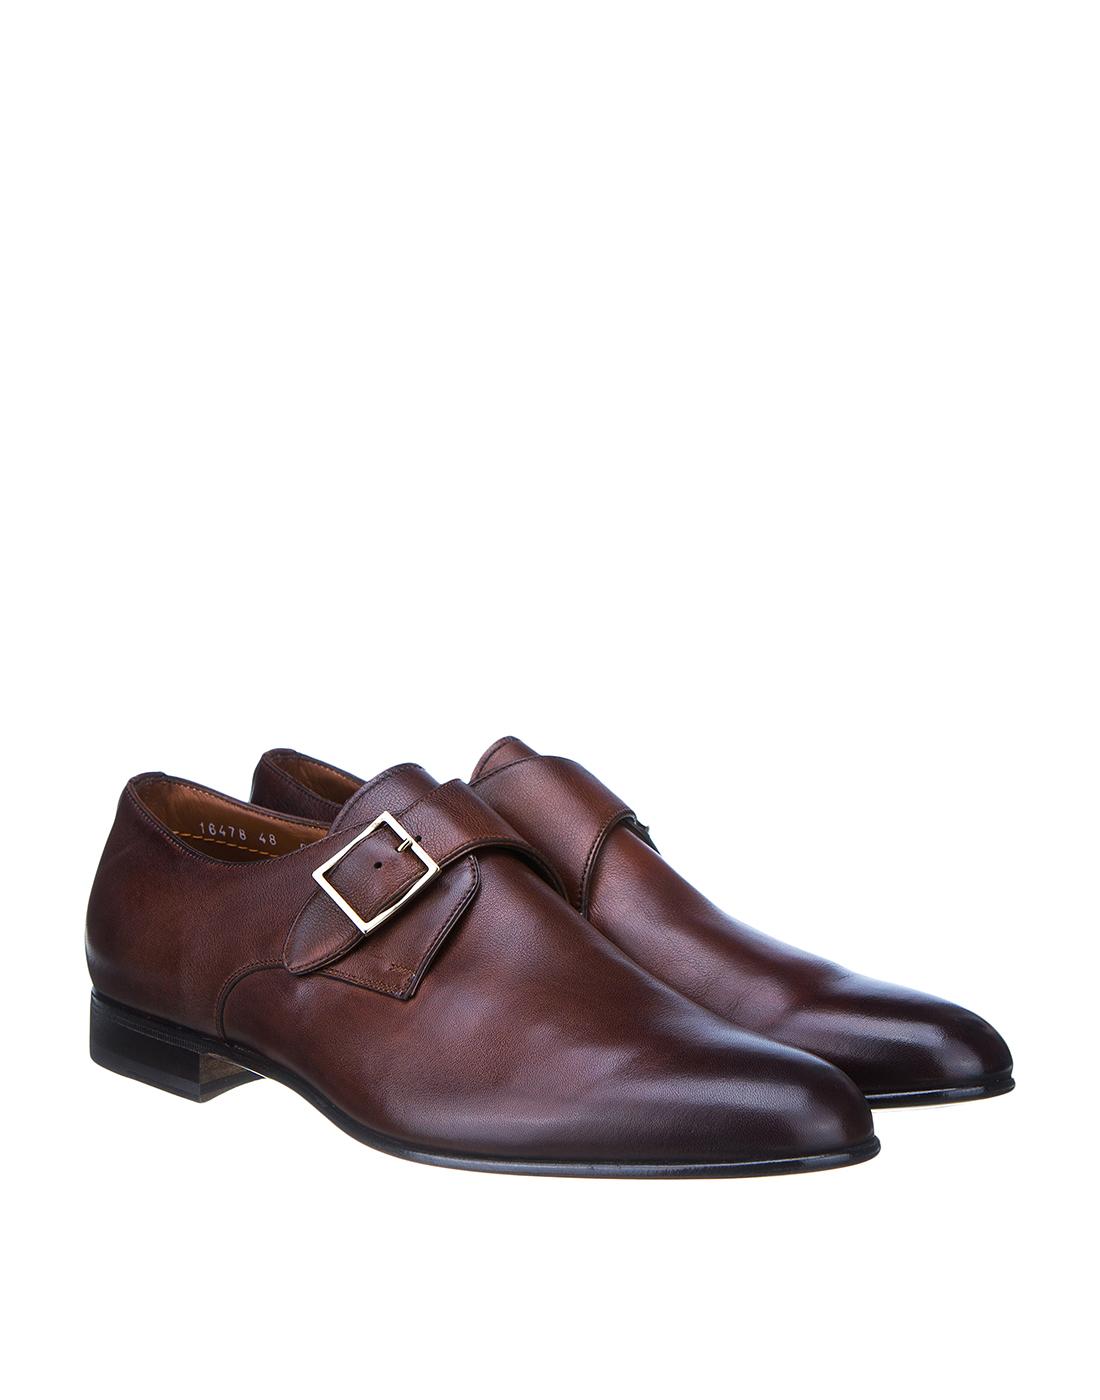 Туфли коричневые мужские Santoni SMCKE16478LA1NGTQM48-2